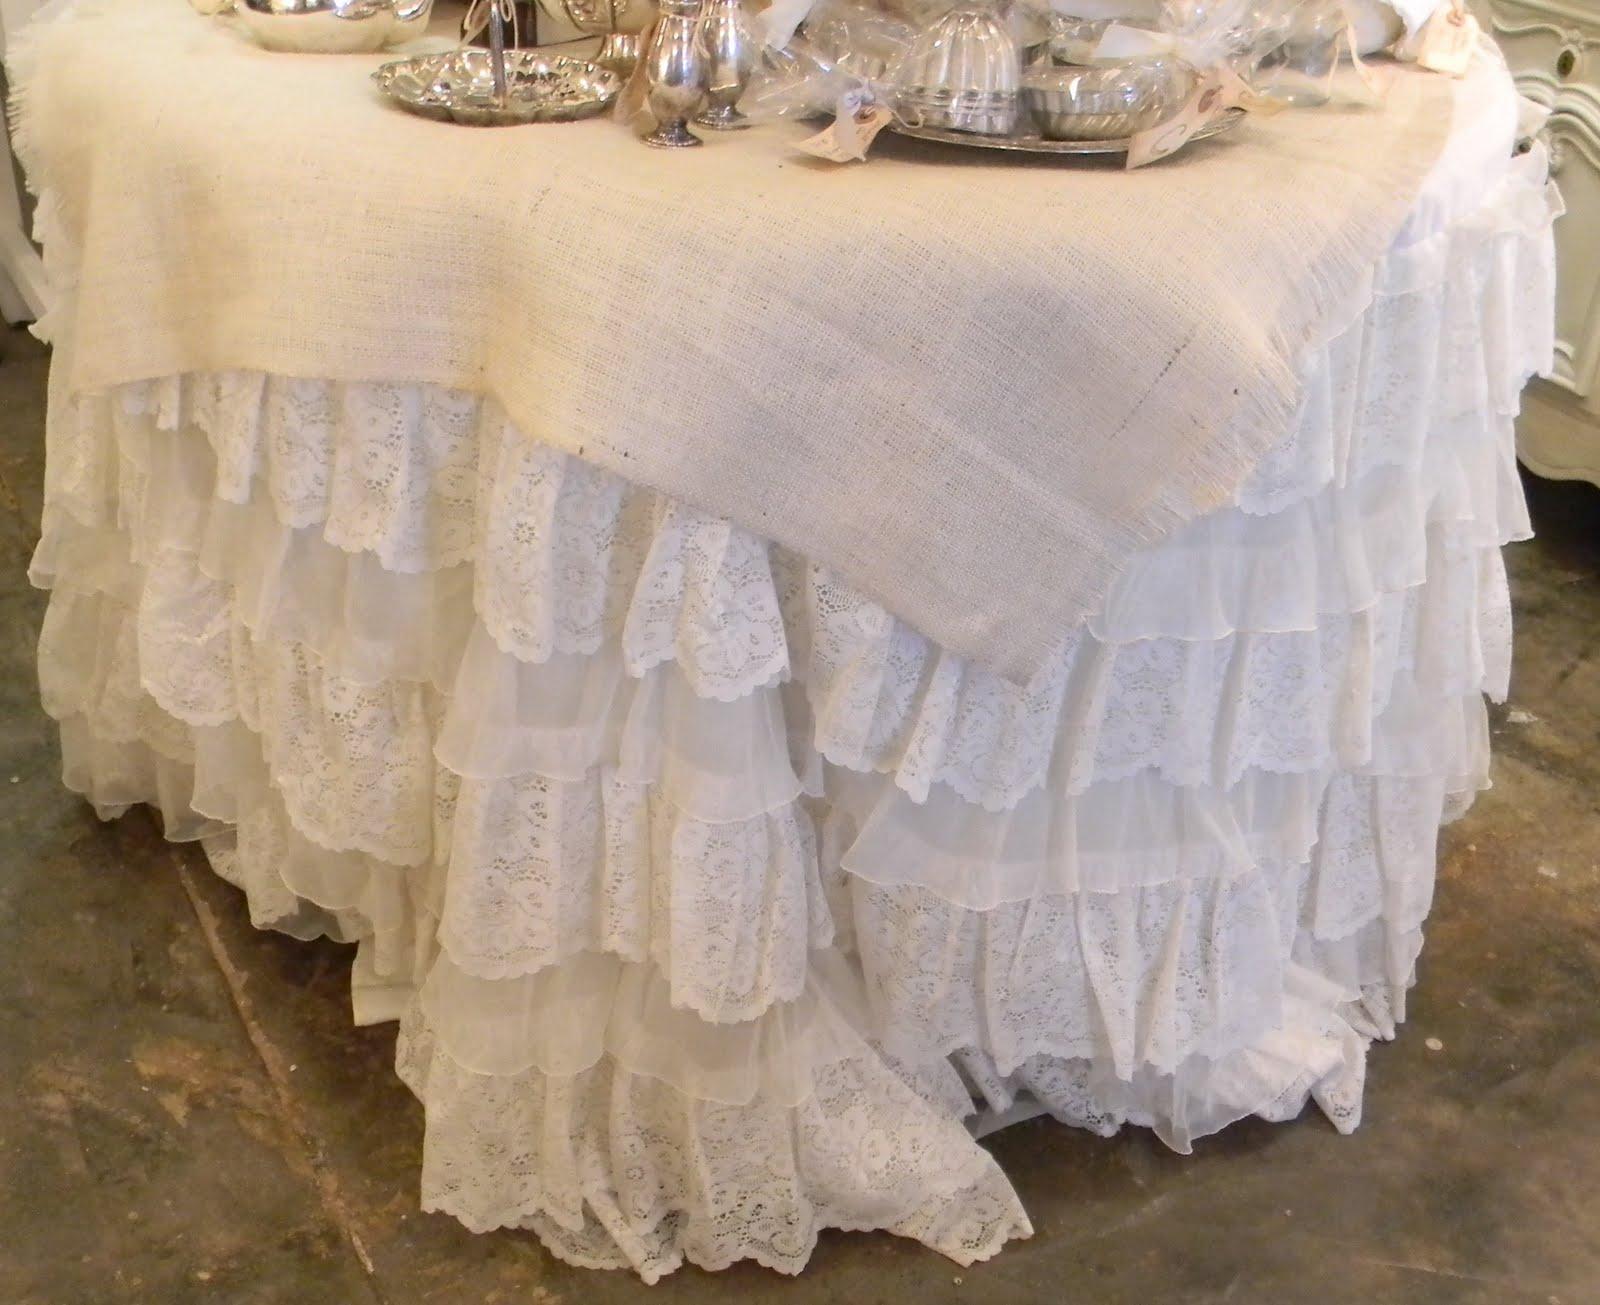 Gracefully Vintage: Vintage Wedding Dress /Tablecloth